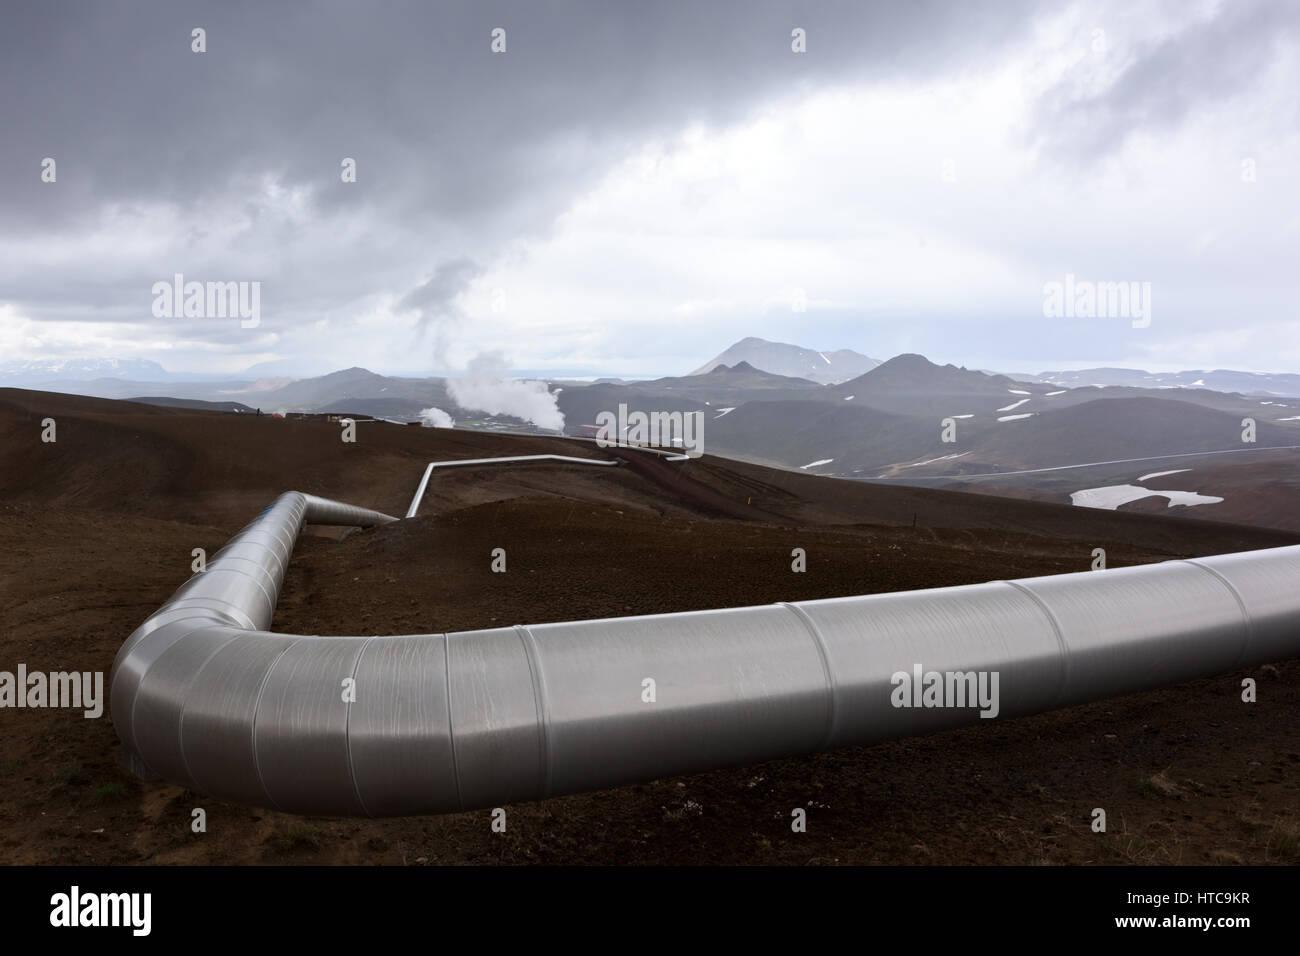 Paysage de l'Islande avec tuyaux dans les montagnes. L'énergie géothermique dans les opérations. Photo Stock